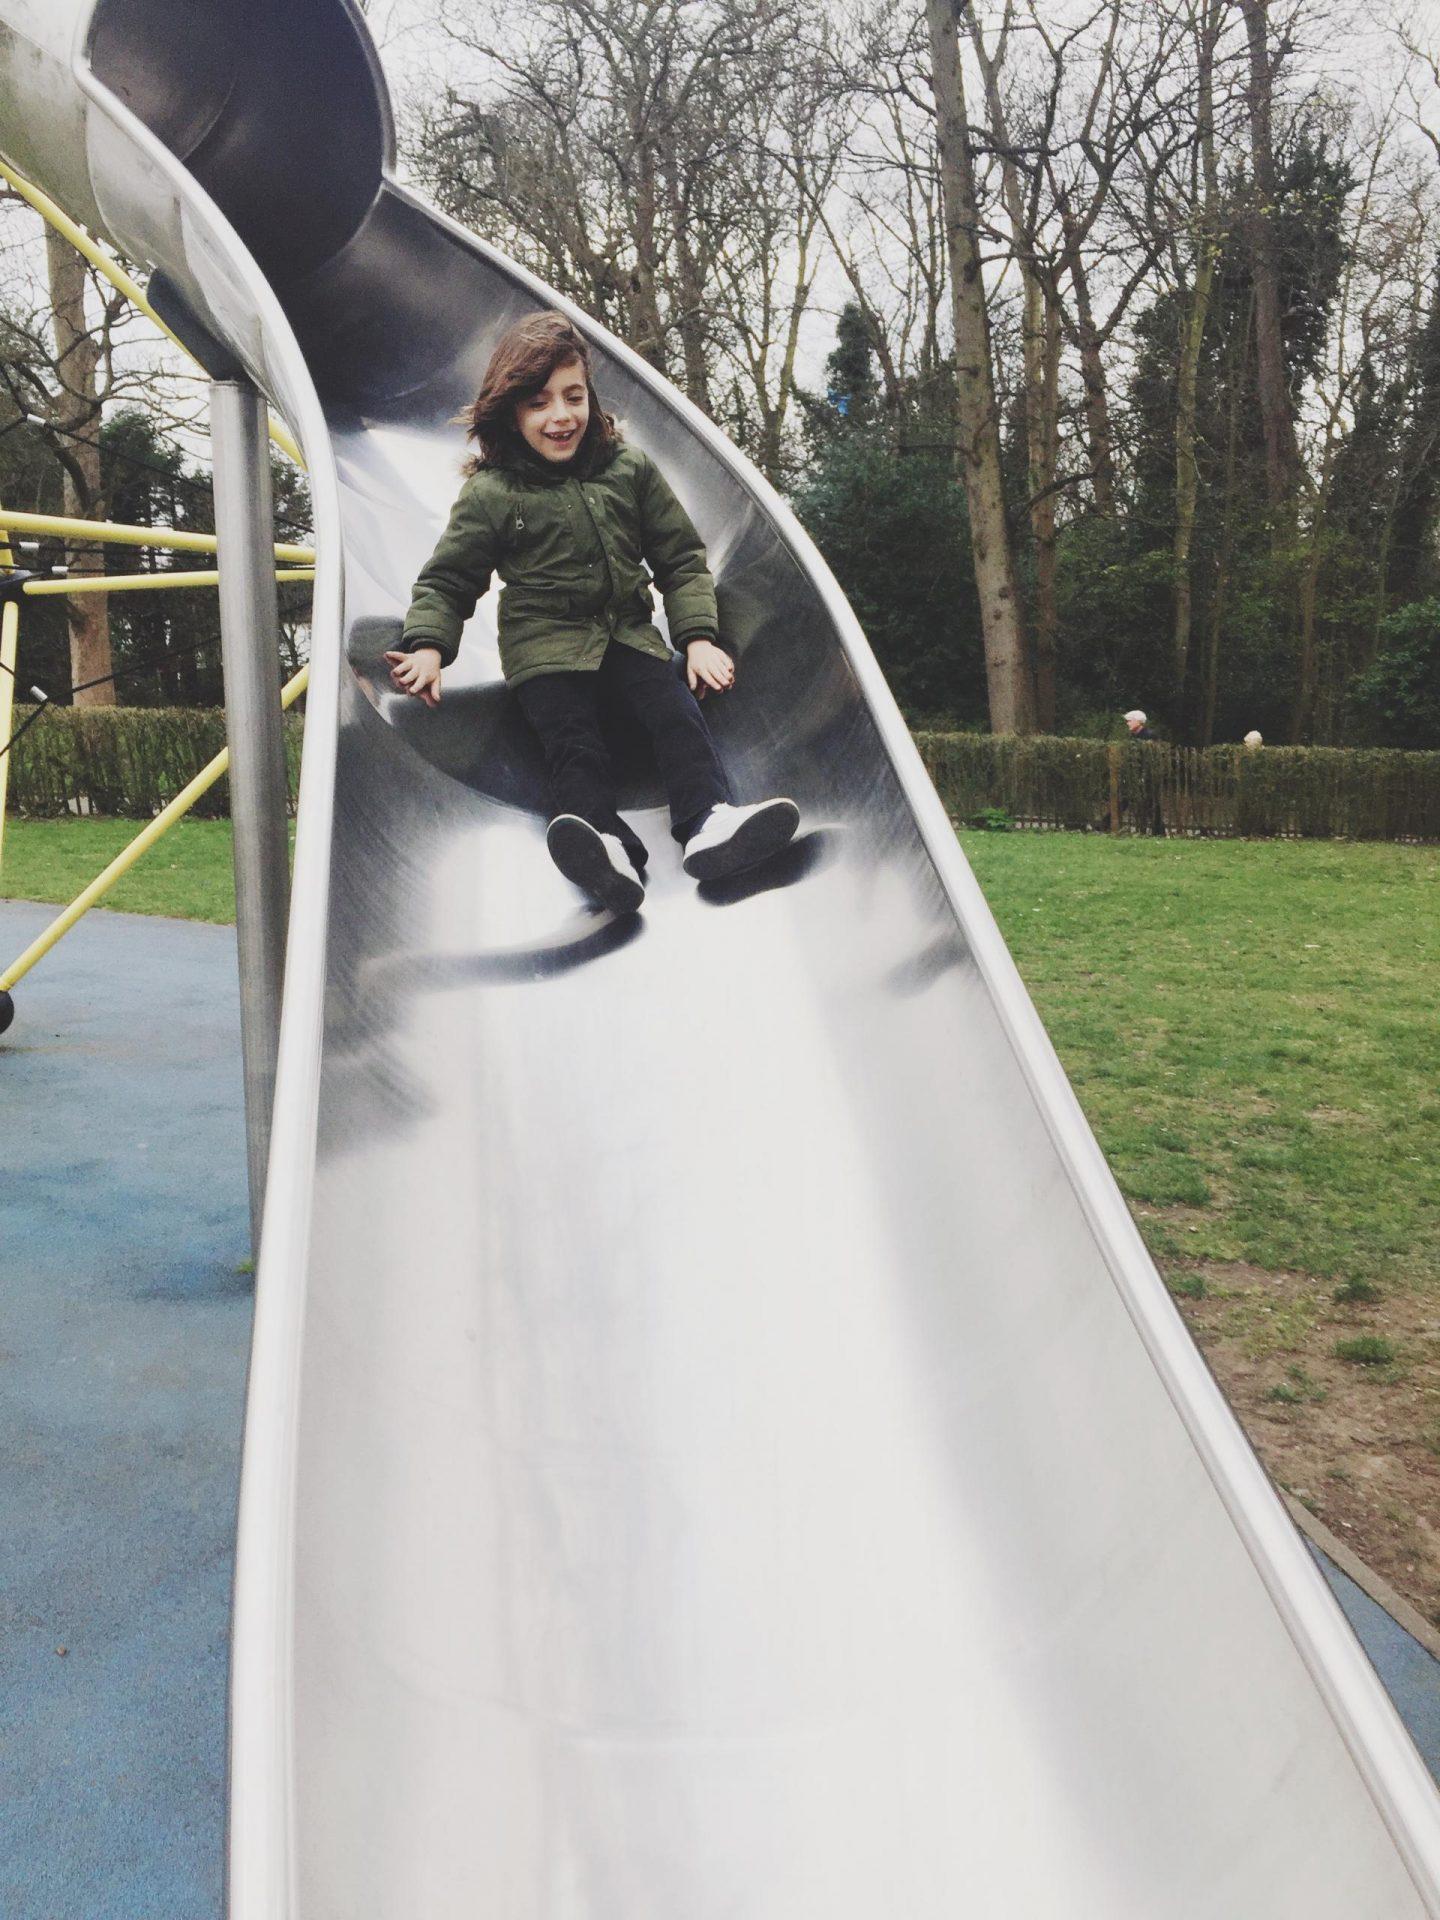 slide time